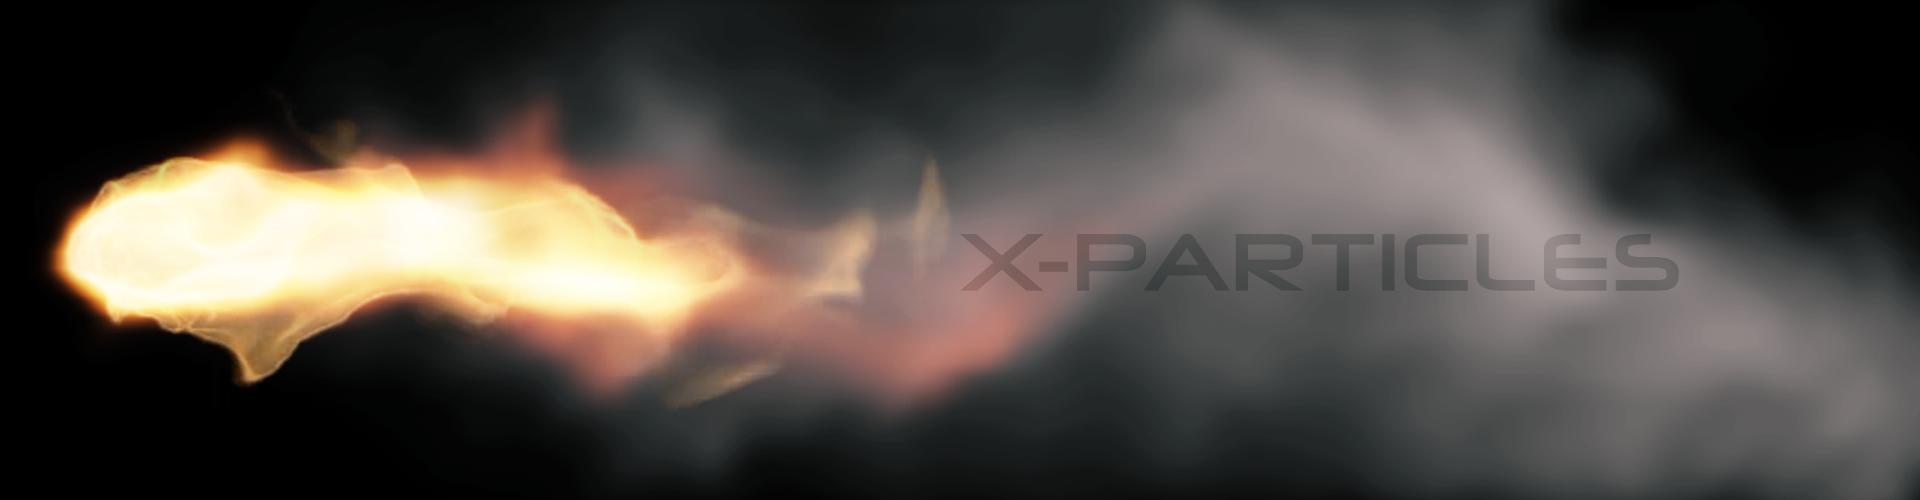 xp3 header